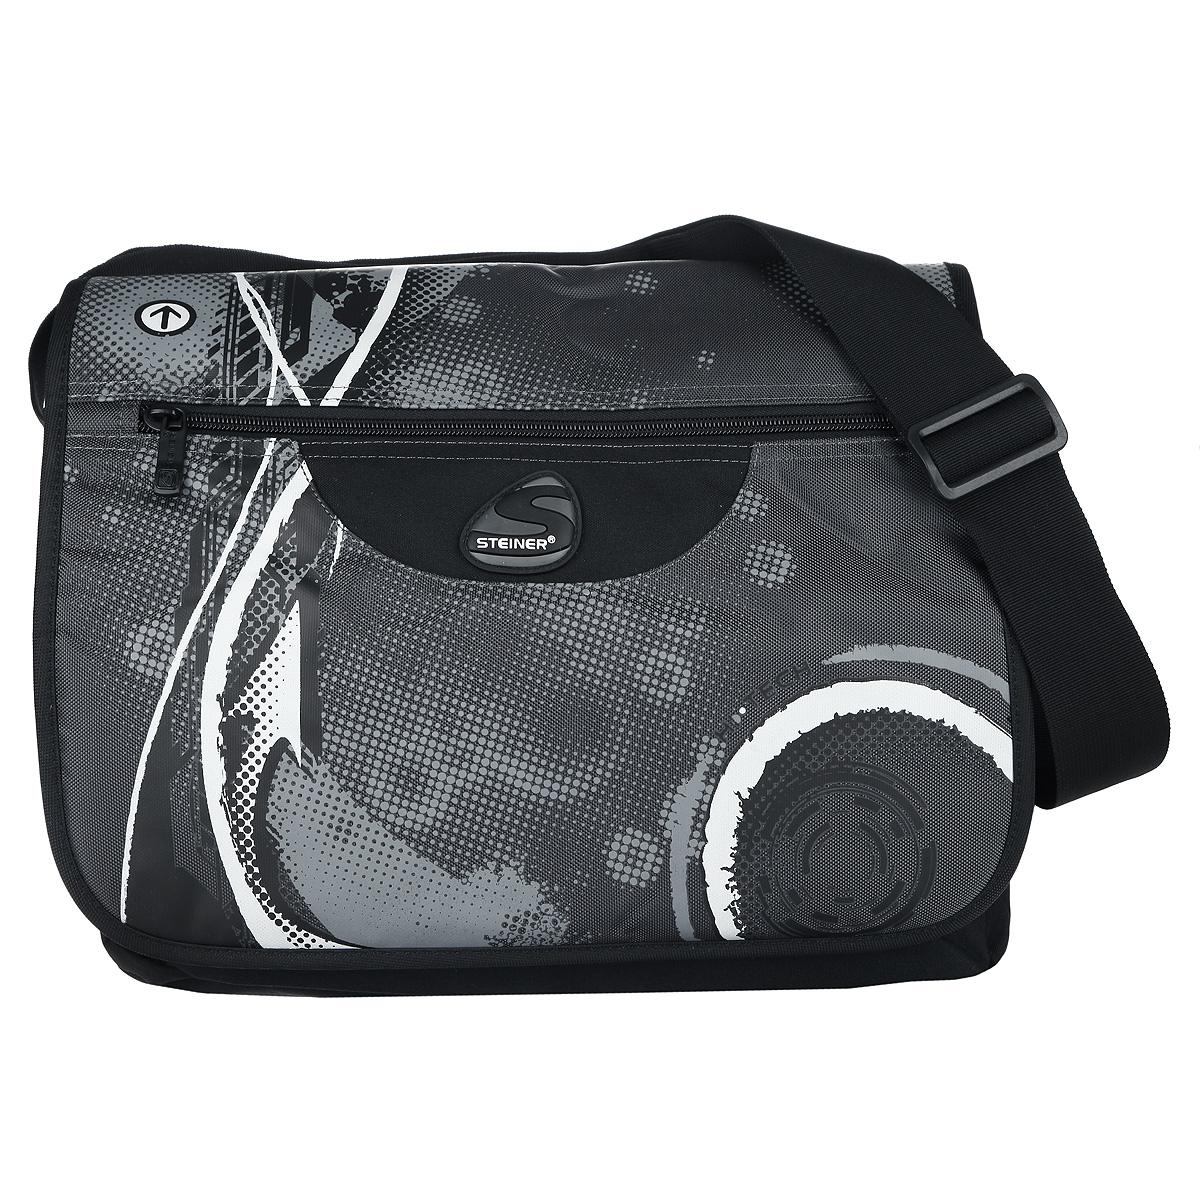 Steiner Сумка школьная черный серый11-211-143Практичная школьная сумка Steiner выполнена выполнен из современного пористого материала, отличающегося легкостью, долговечностью и повышенной влагостойкостью. Изделие оформлено принтом и дополнено брелоком в форме черепа.Сумка имеет одно основное отделение, которое закрывается на молнию и дополнительно закрывается хлястиком на липучки. Внутри главного отделения расположен нашитый карман на молнии. Снаружи, на лицевой стороне, расположен накладной карман на молнии, внутри которого размещен органайзер для письменных принадлежностей, состоящий из четырех накладных карманов. По бокам сумки размещены два дополнительных накладных кармана на резинках. На тыльной стороне сумки расположен накладной карман на молнии. С лицевой стороны расположен накладной карман на молнии.Многофункциональная школьная сумка Steiner станет незаменимым спутником вашего ребенка в походах за знаниями.